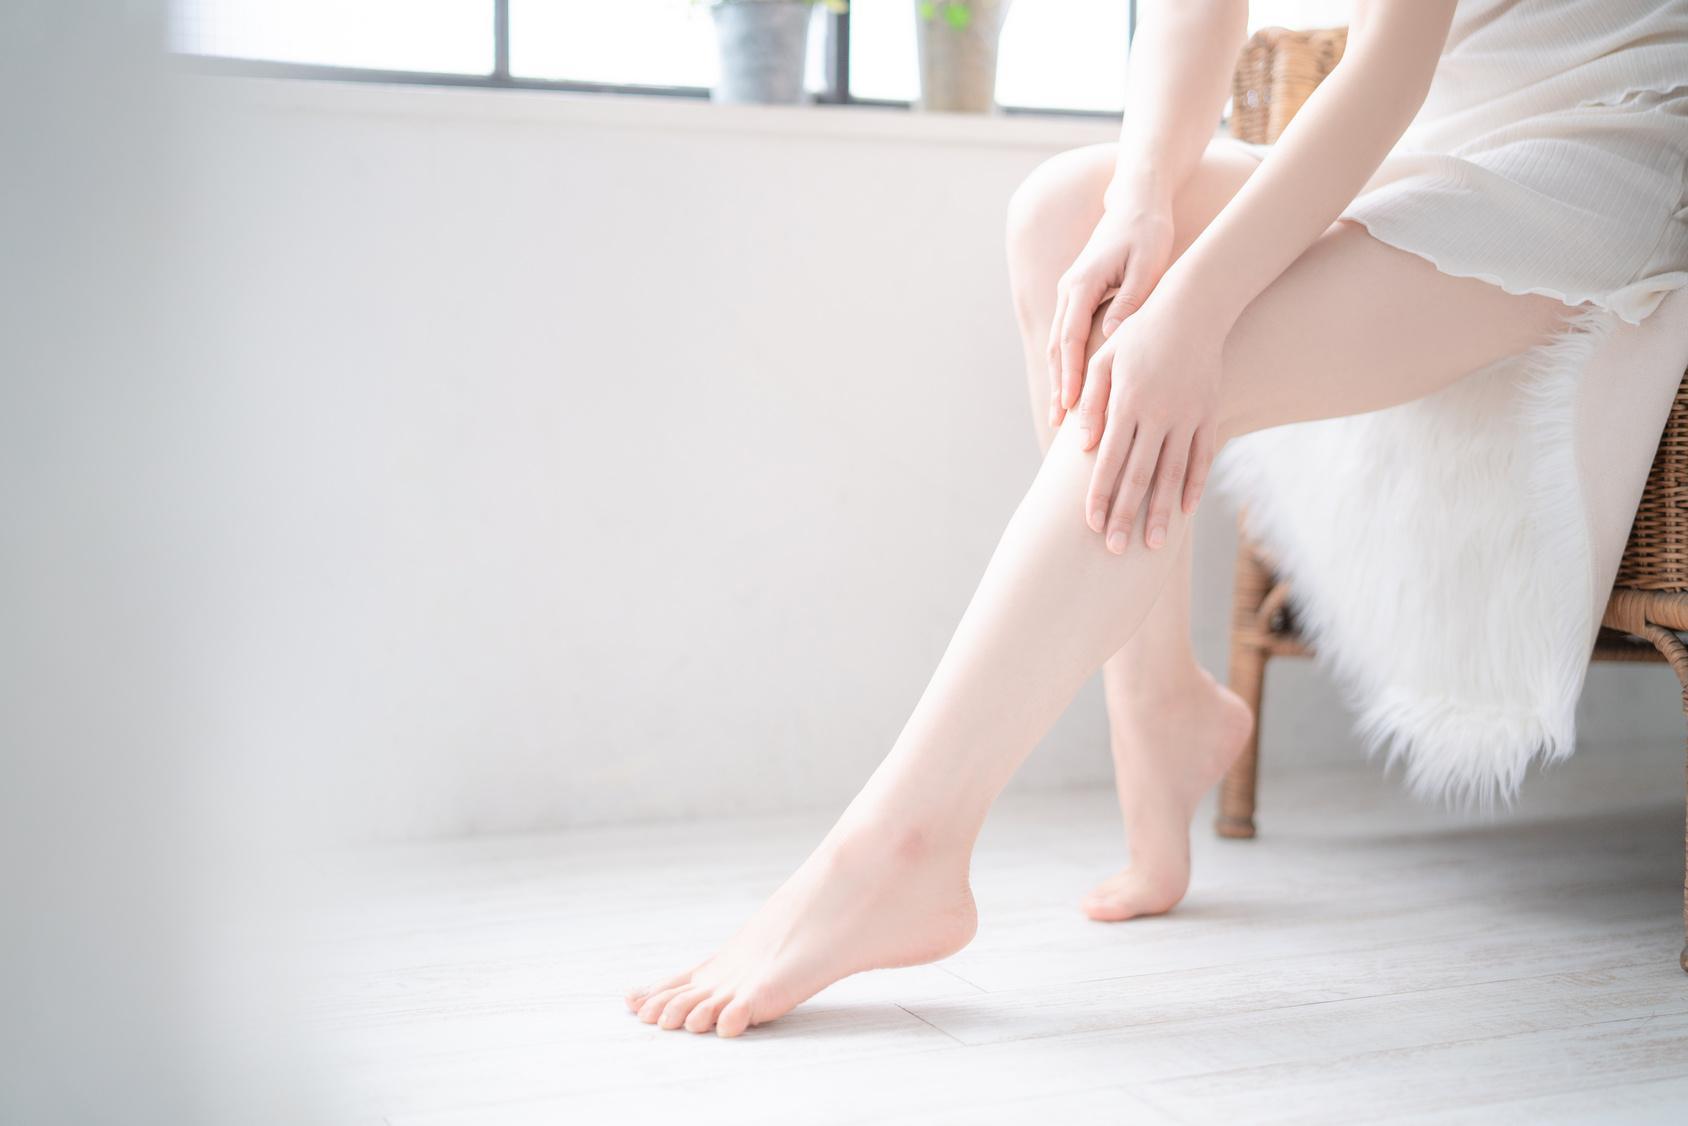 体験 脱毛 脱毛 ミュゼ 所 サロン 女の子 研究 選び _ の 効果 サロン 談